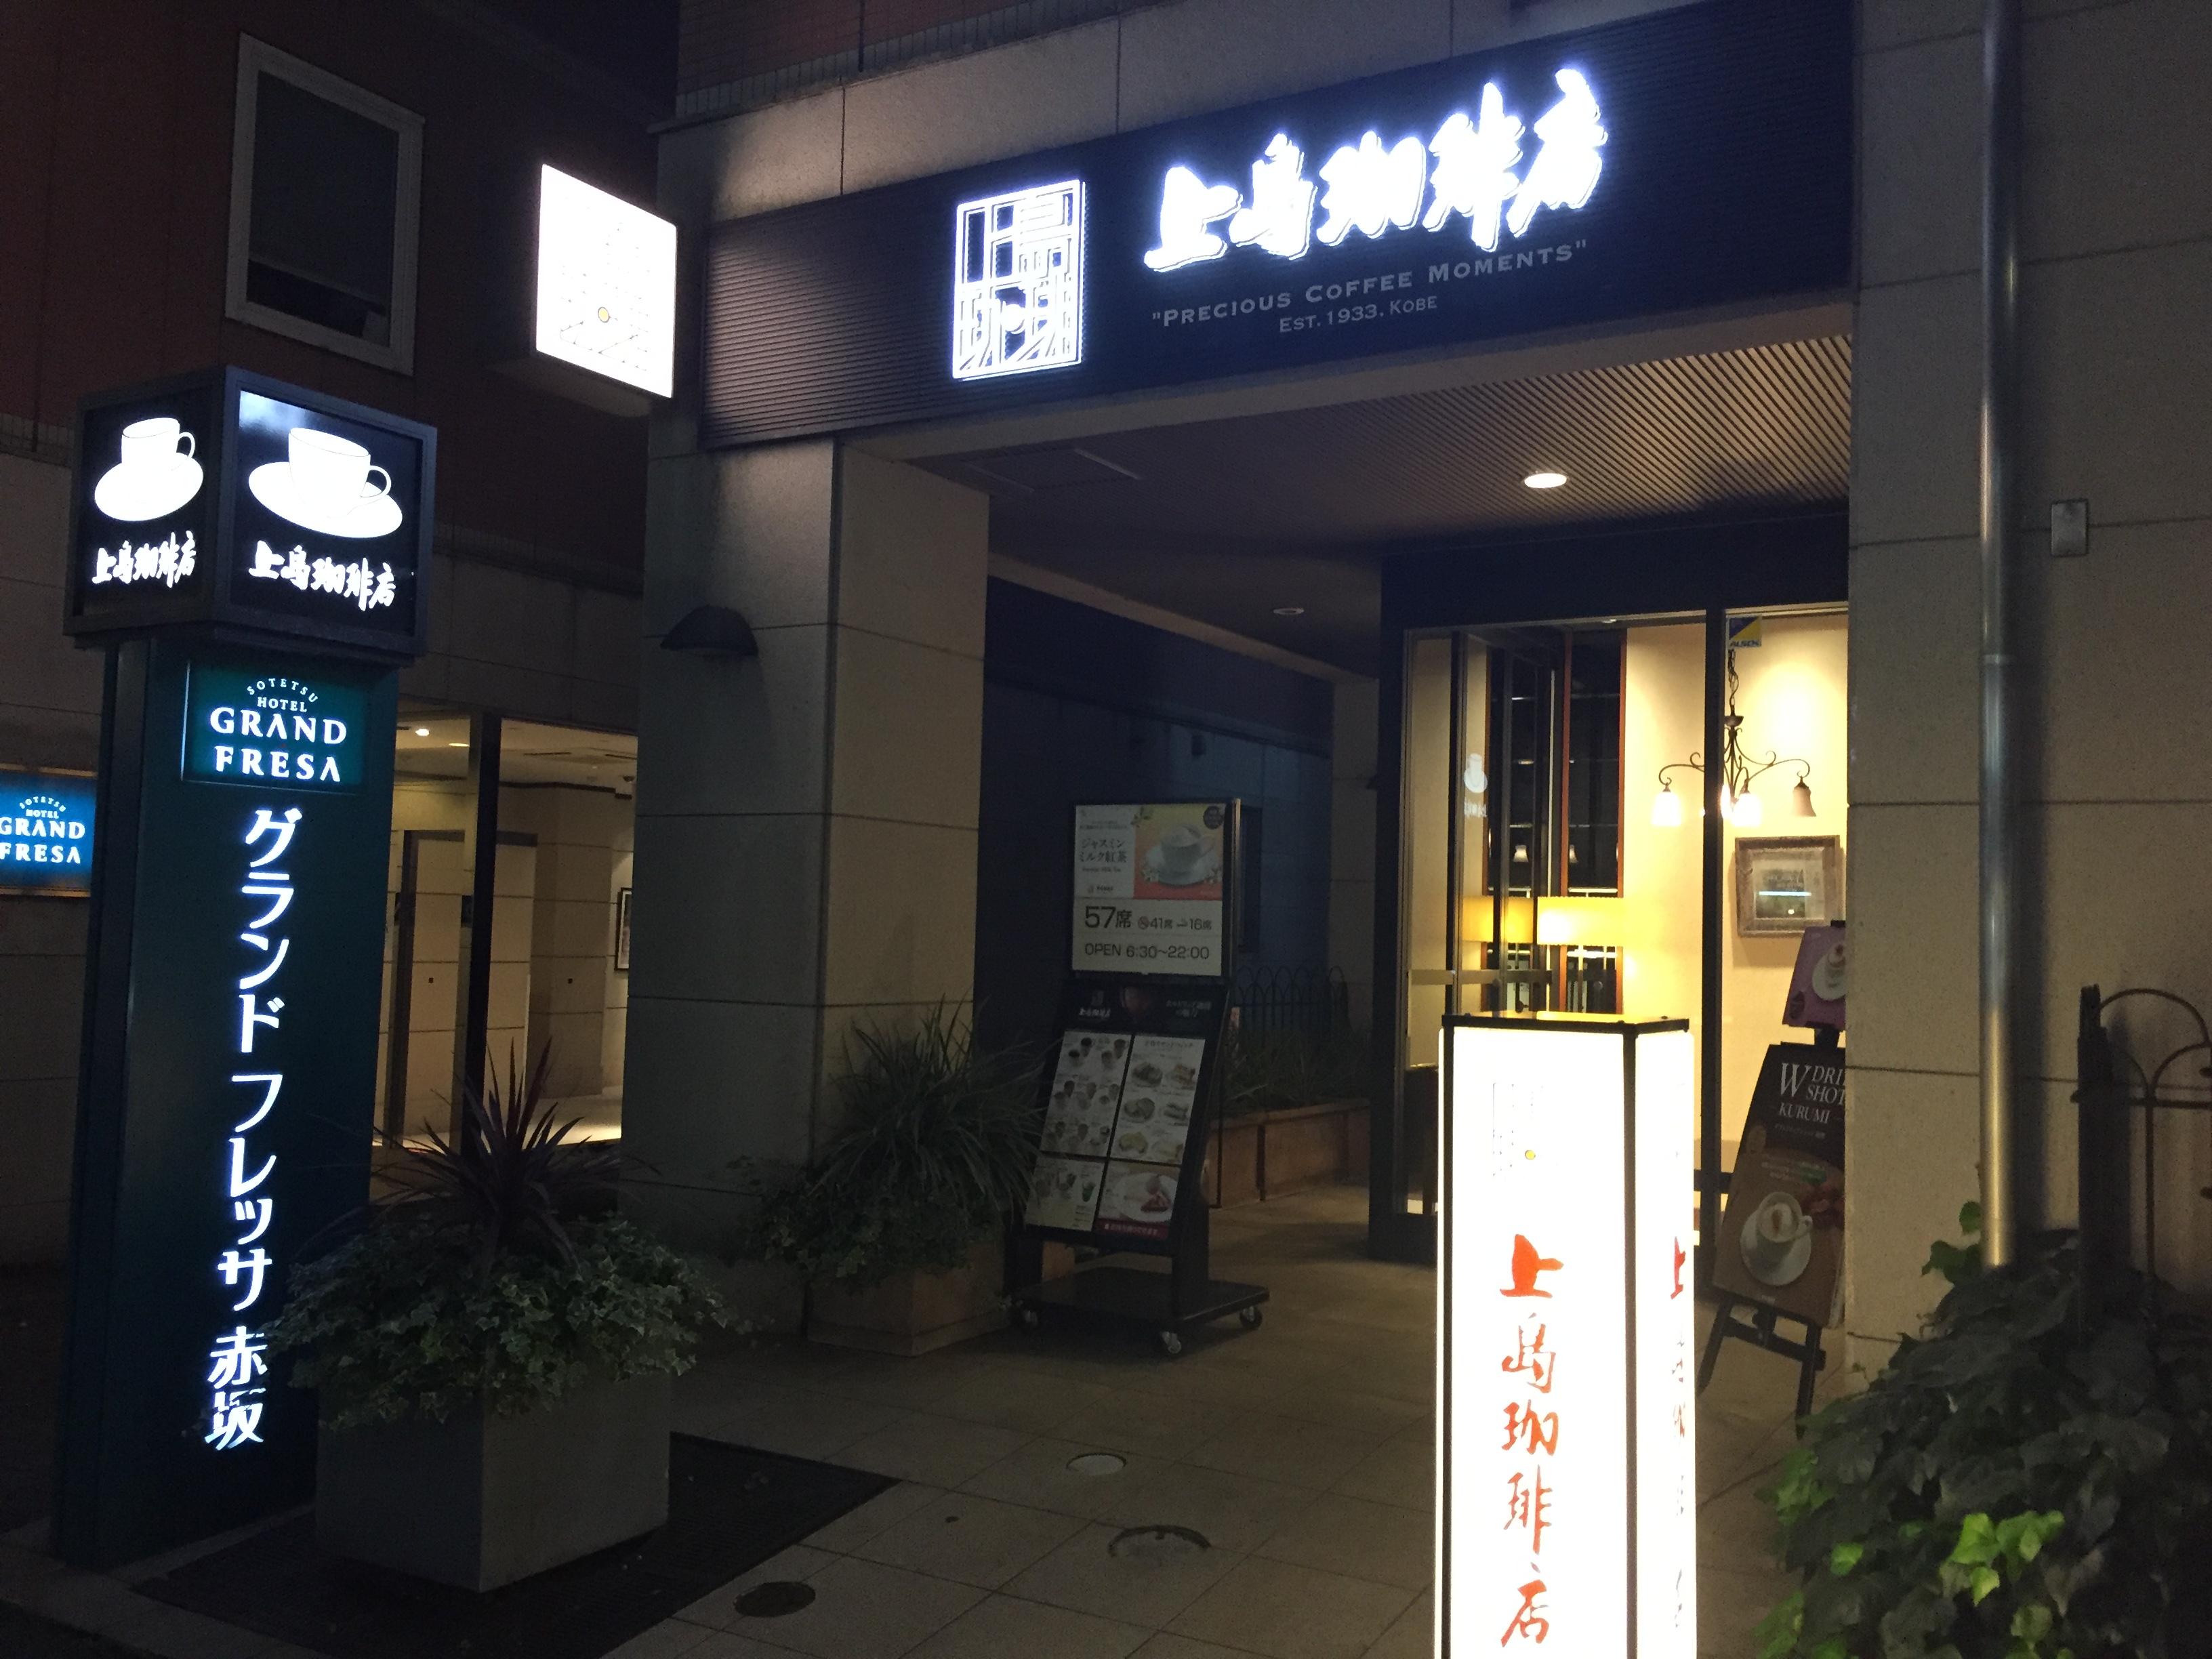 赤坂駅 電源カフェ 上島珈琲店 ホテルグランドフレッサ赤坂店